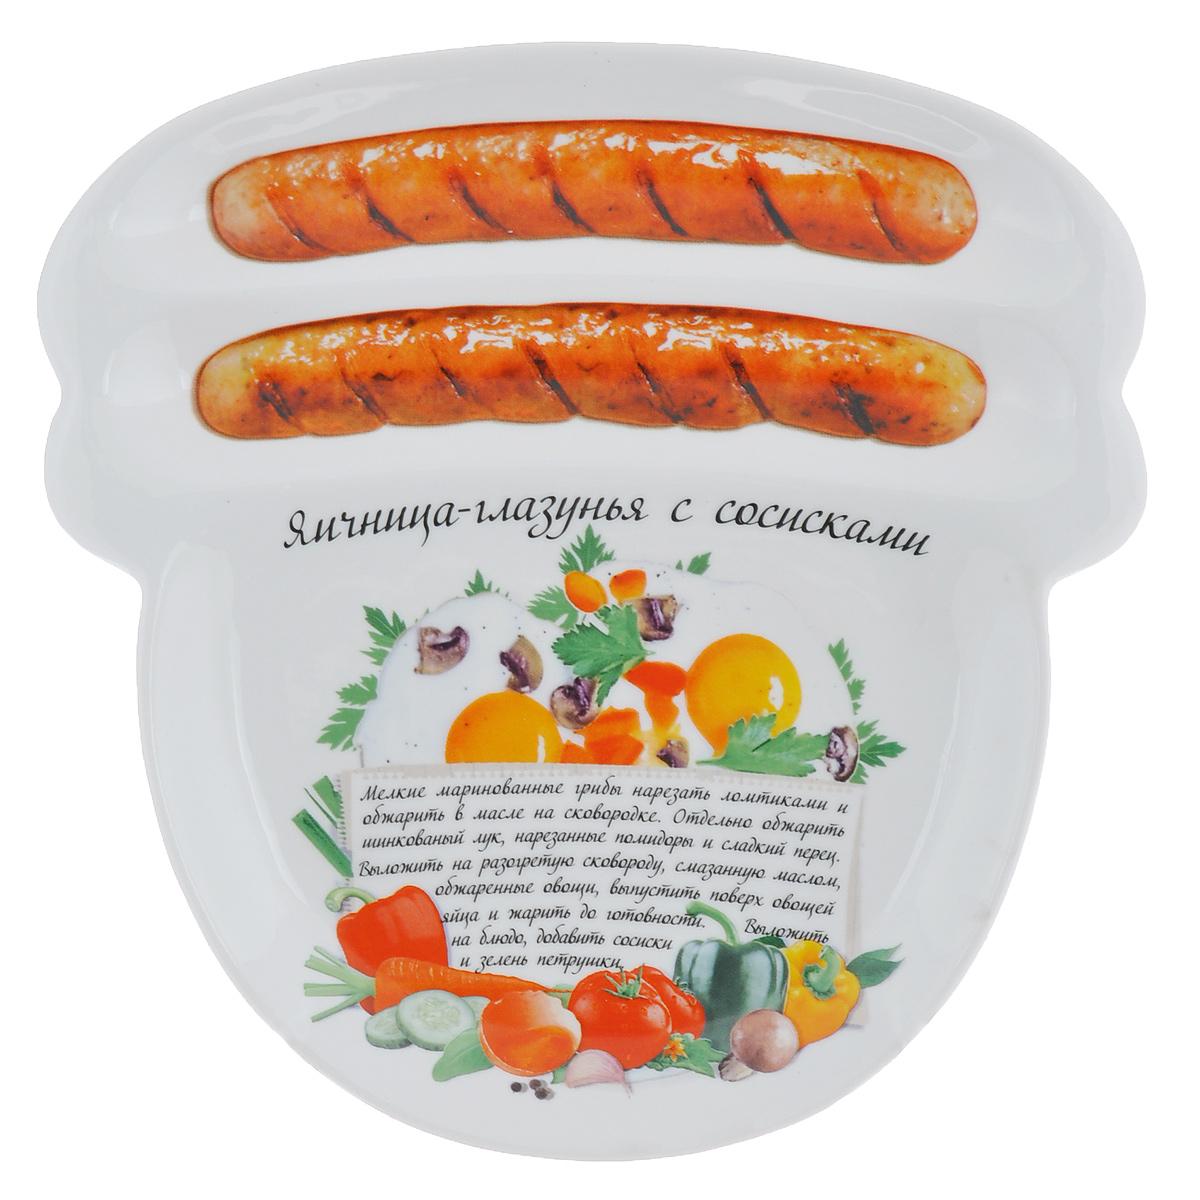 Блюдо для сосисок Larangе Яичница-глазунья с сосисками, 23 см х 22,7 см х 1,6 см598-075Блюдо для сосисок Larange Яичница-глазунья с сосисками изготовлено из высококачественной керамики. Изделие украшено изображением двух сосисок и рецепта яичницы-глазуньи с сосисками. Тарелка имеет три отделения: два маленьких отделения для сосисок и одно большое отделение для яичницы или другого блюда. В комплект входят лучшие рецепты от шефа. Можно использовать в СВЧ печах, духовом шкафу, холодильнике. Можно мыть в посудомоечной машине. Не применять абразивные чистящие вещества. Размер блюда: 23 см х 22,7 см х 1,6 см.